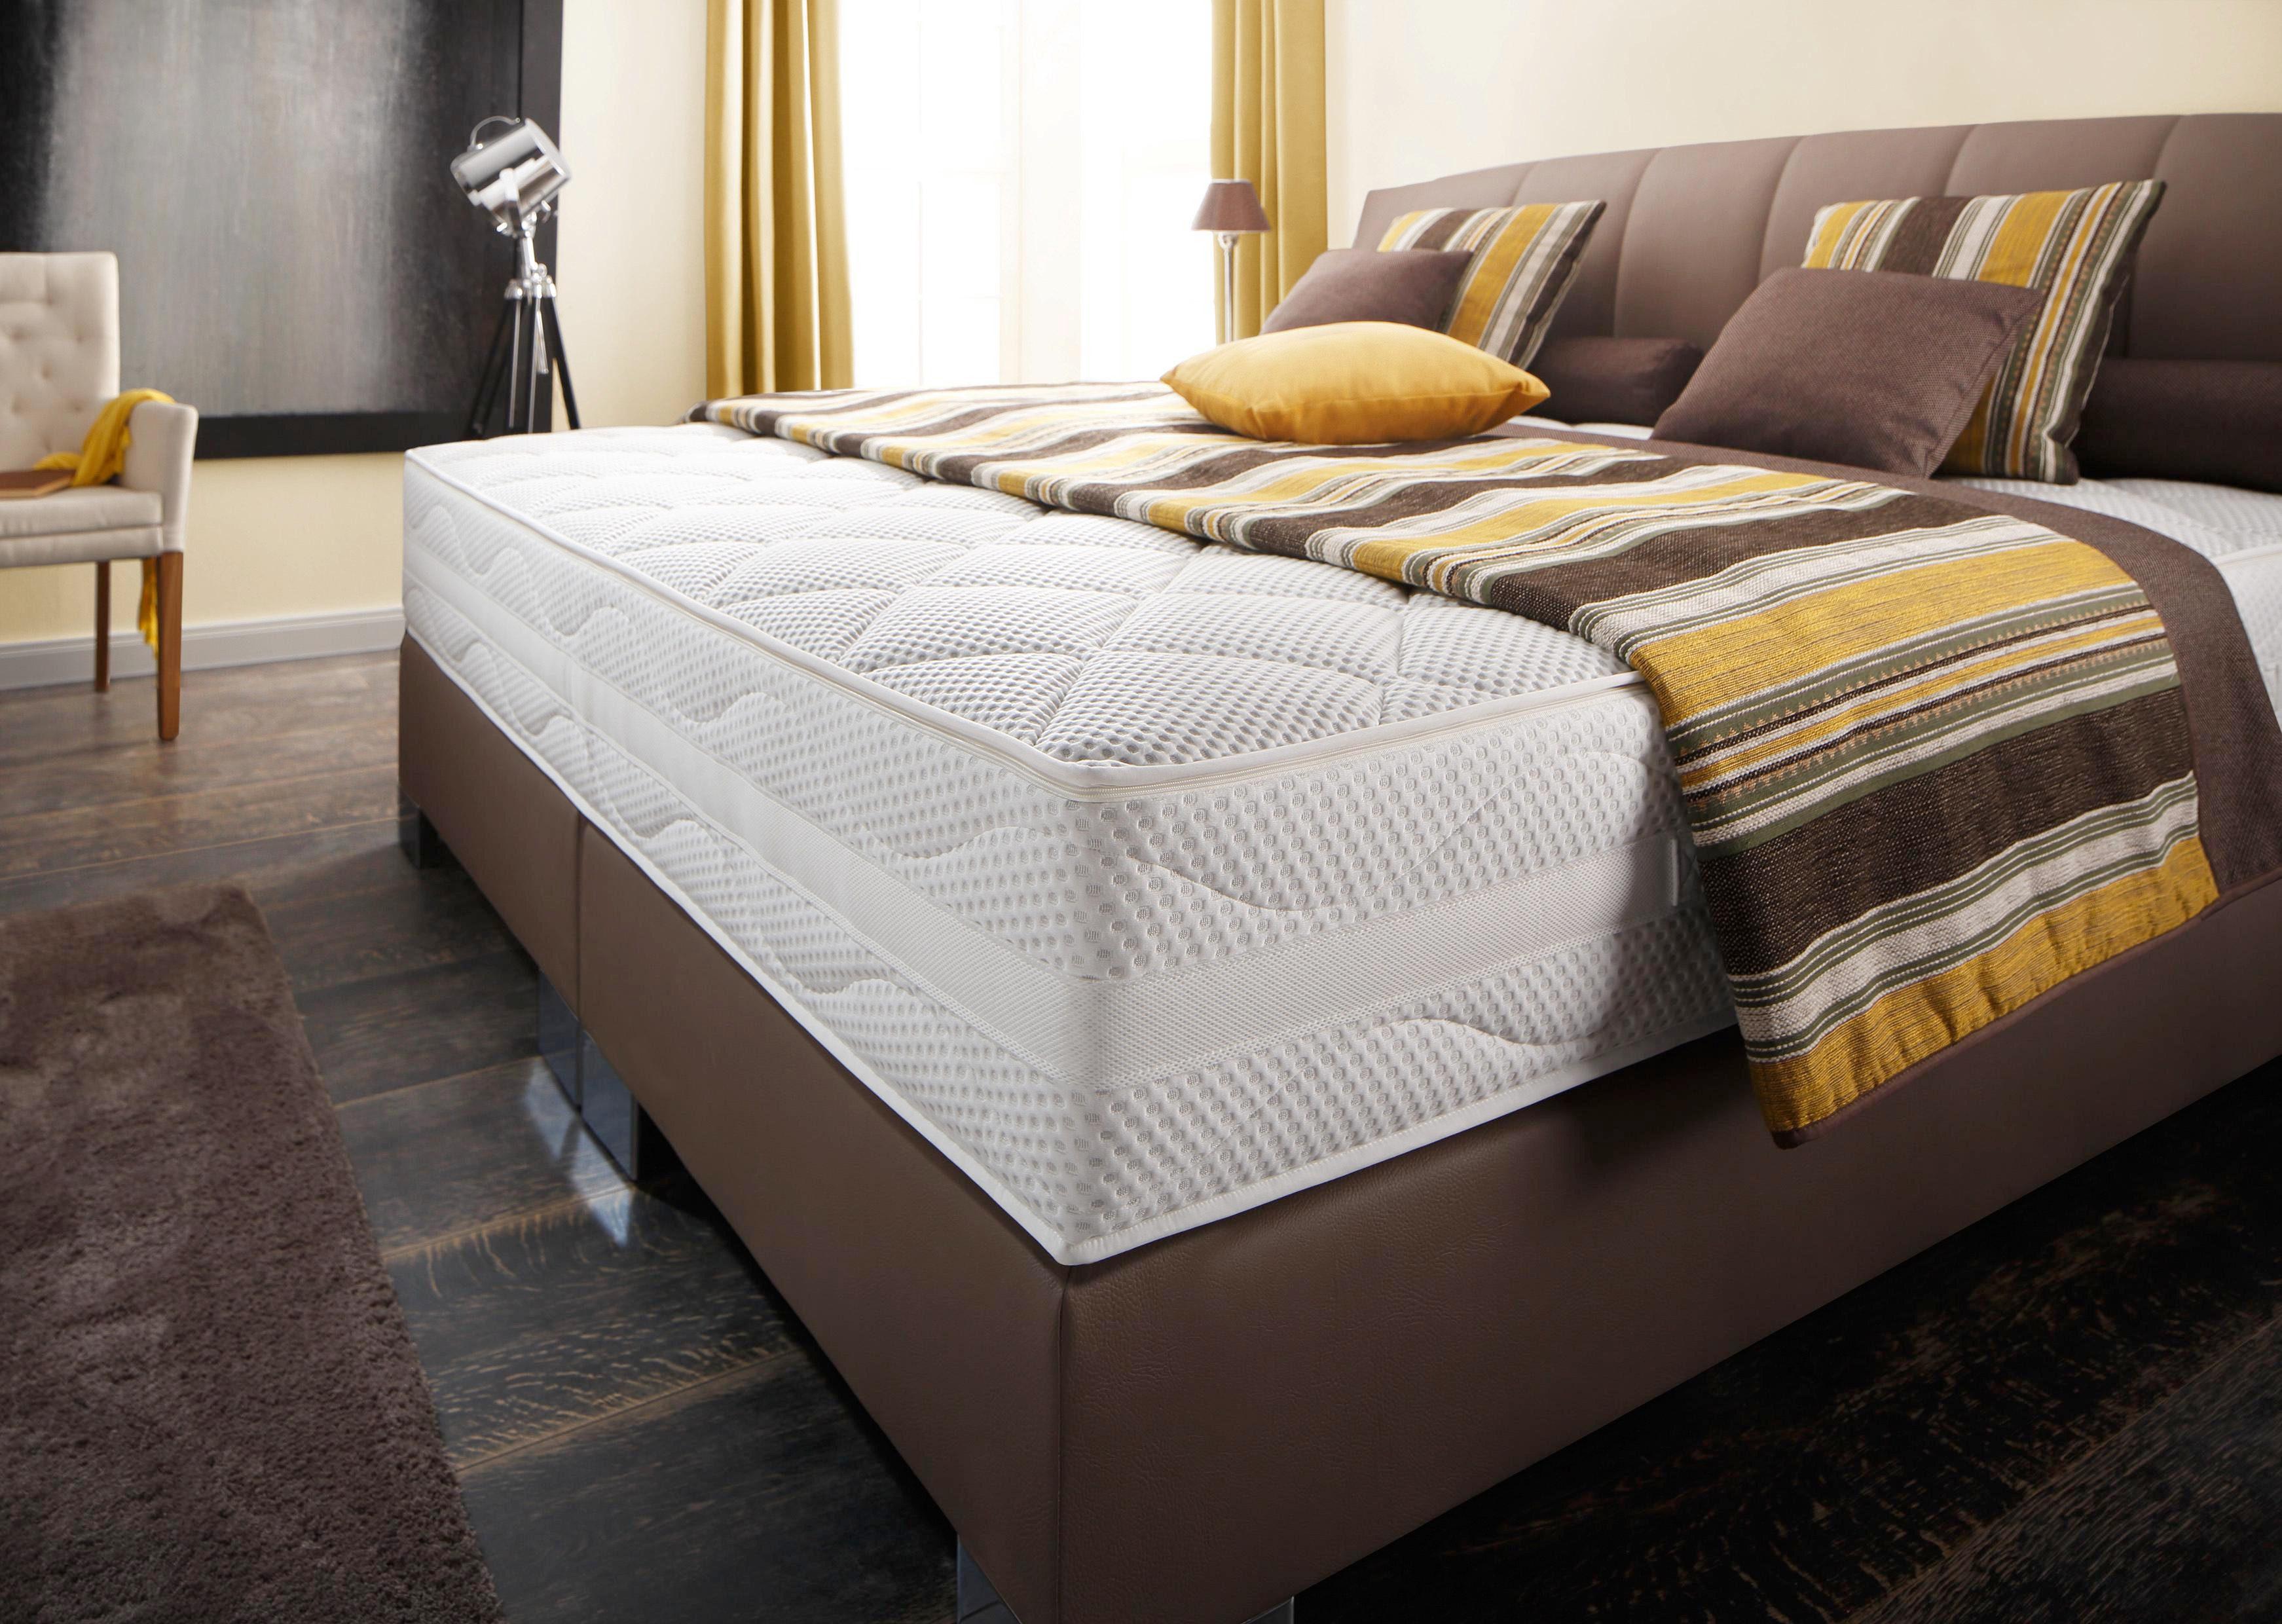 BOXSPRING KREVET - Boje hroma/Boja blata, Dizajnerski, Tekstil (180/200cm) - Bentley